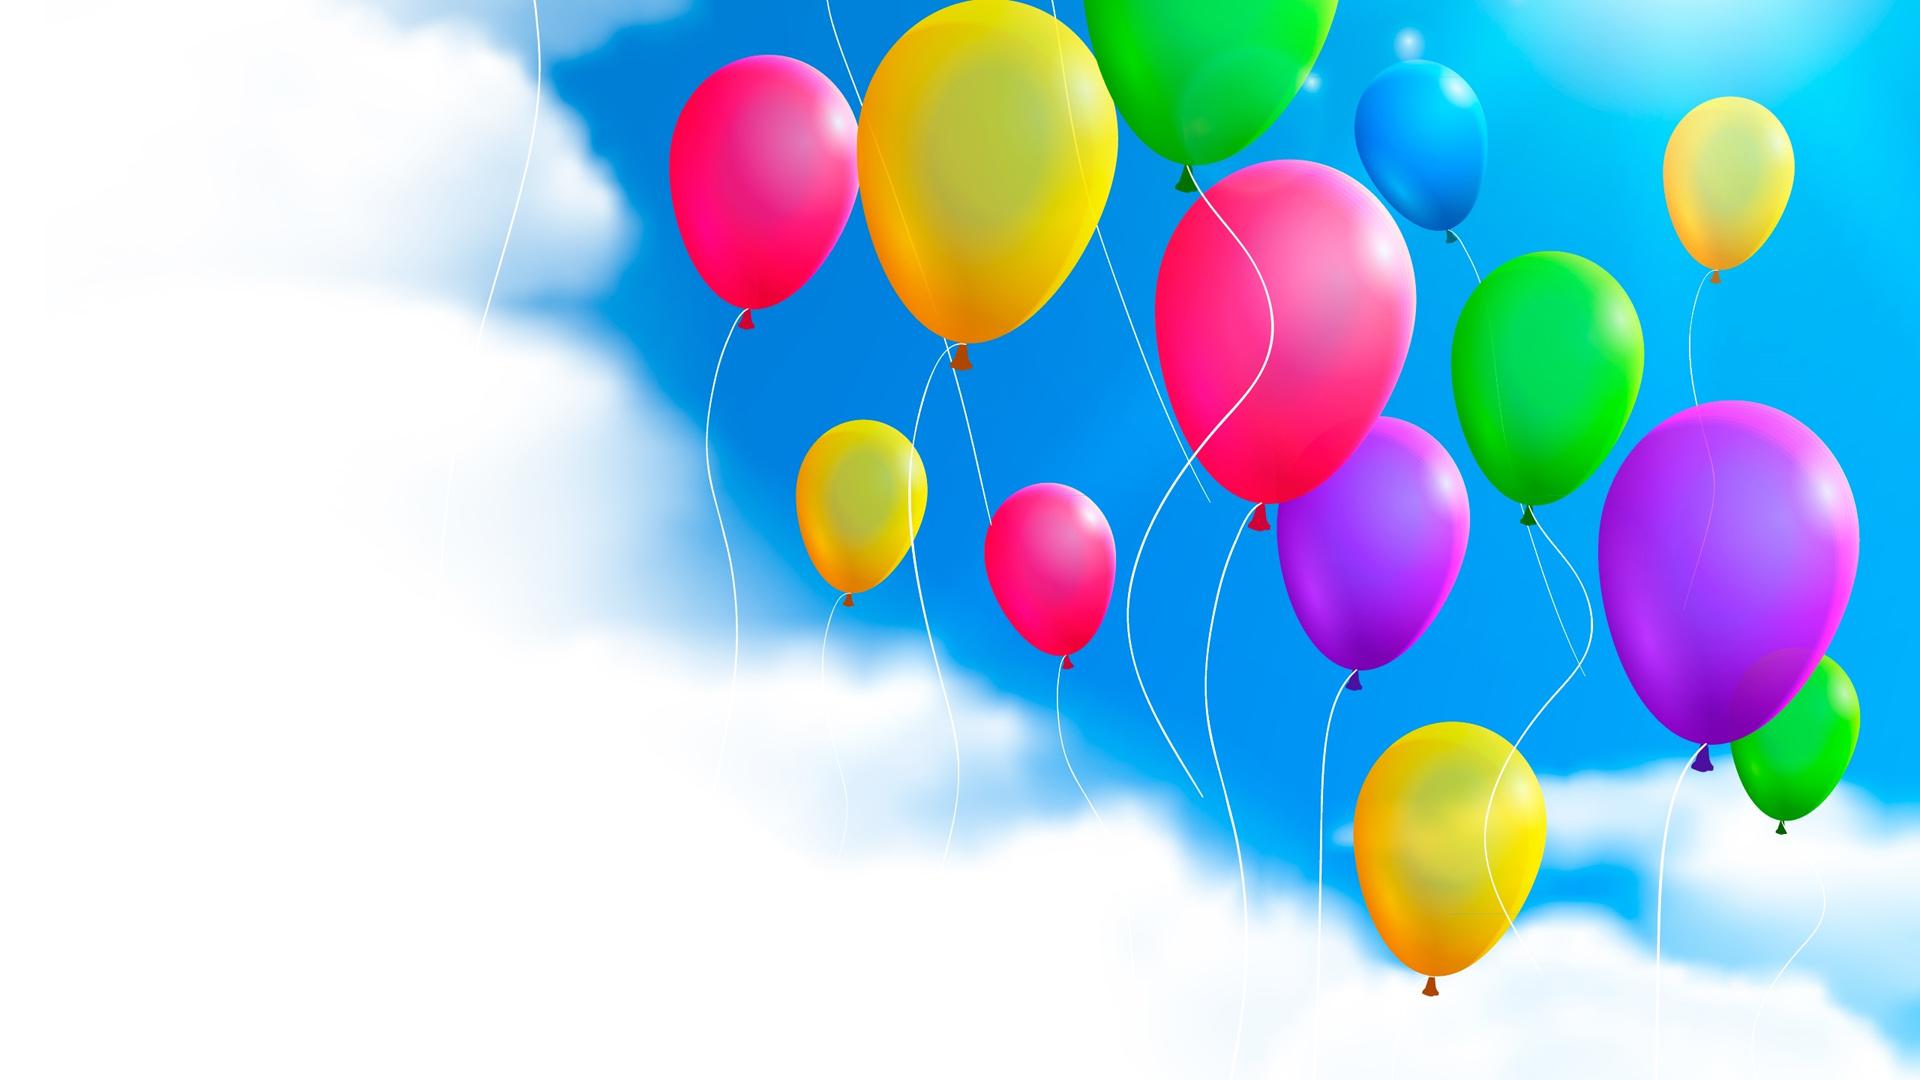 天空白云多彩气球ppt背景图片下载